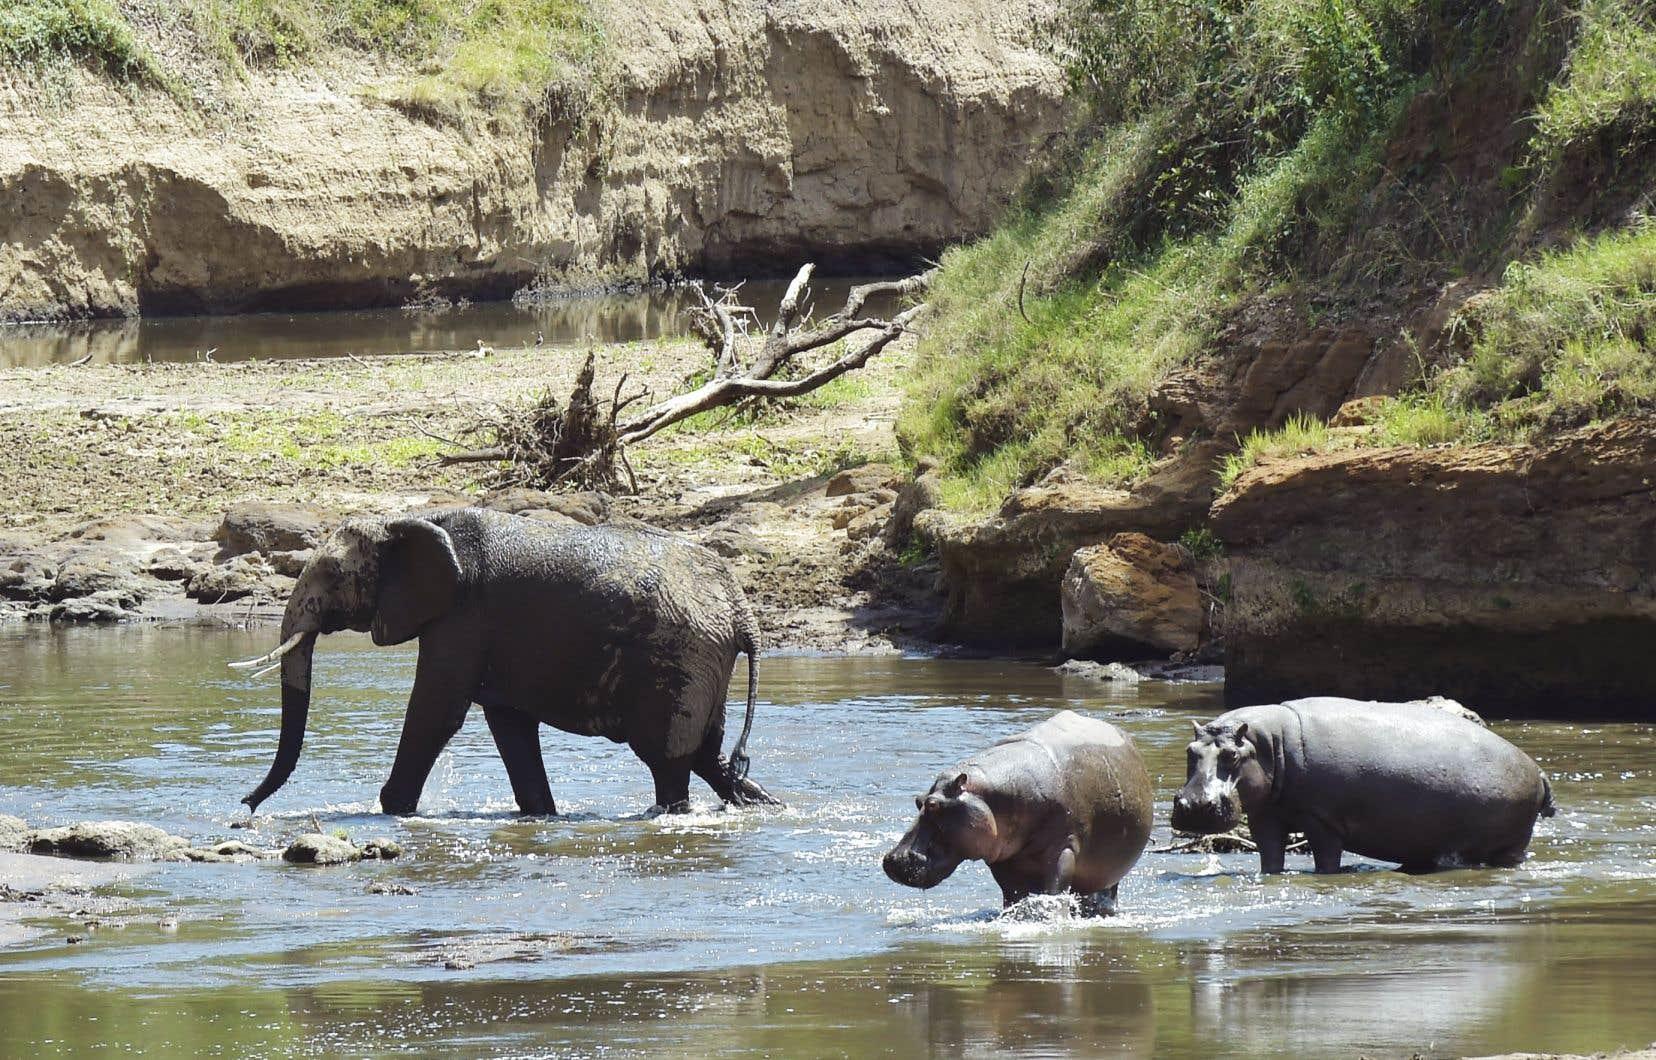 Un éléphant et des hippopotames dans le lit de la rivière Mara, au Kenya, dont le bassin forme l'une des plus grandes réserves naturelles d'Afrique.